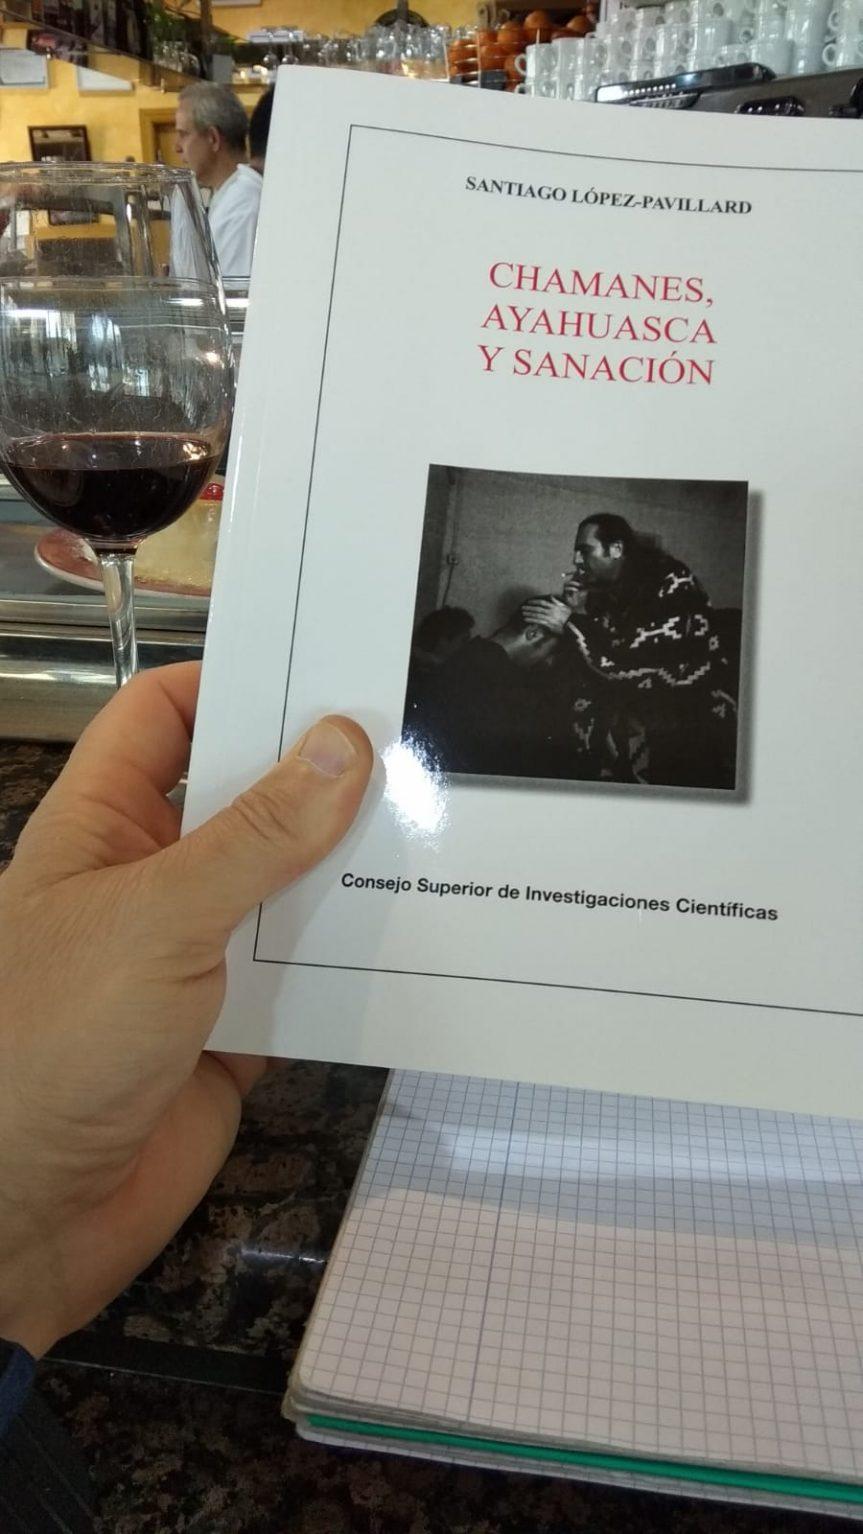 Chamanes, ayahuasca y sanación